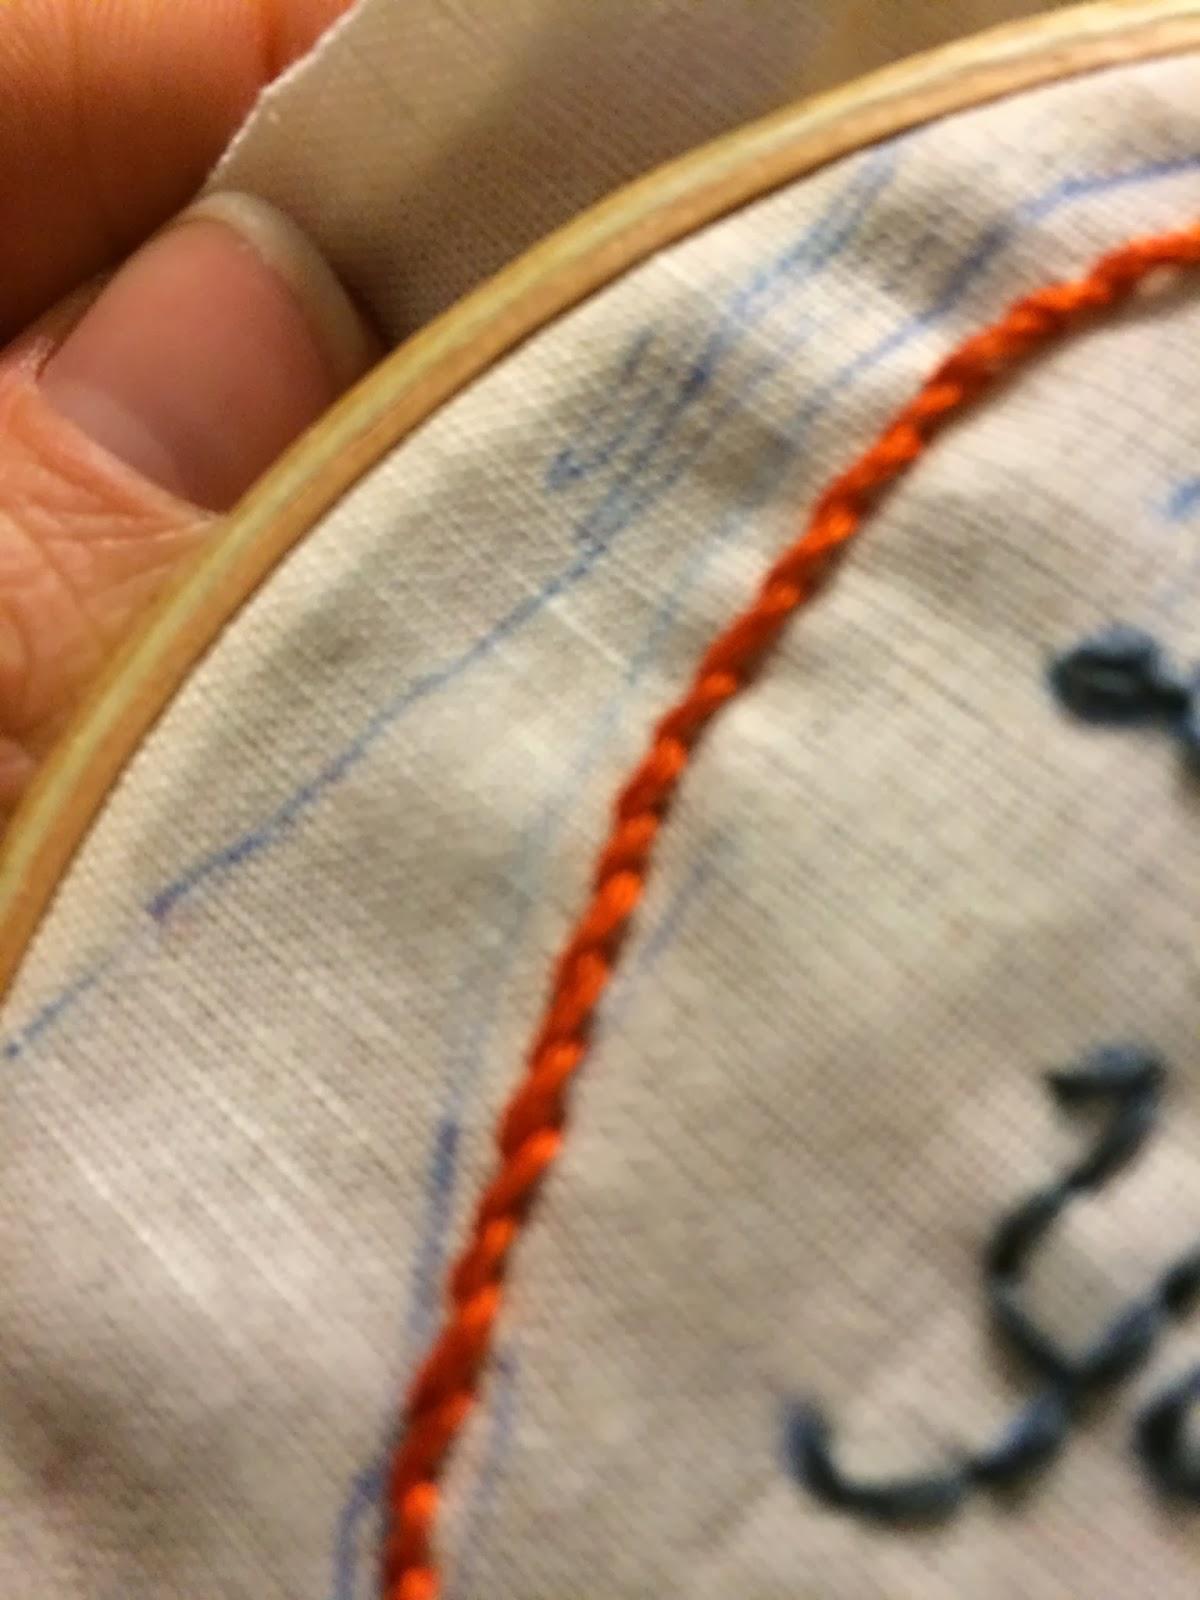 Doeblerghini Bunch:  Dad's Tie Patch - Chain Stitch Row